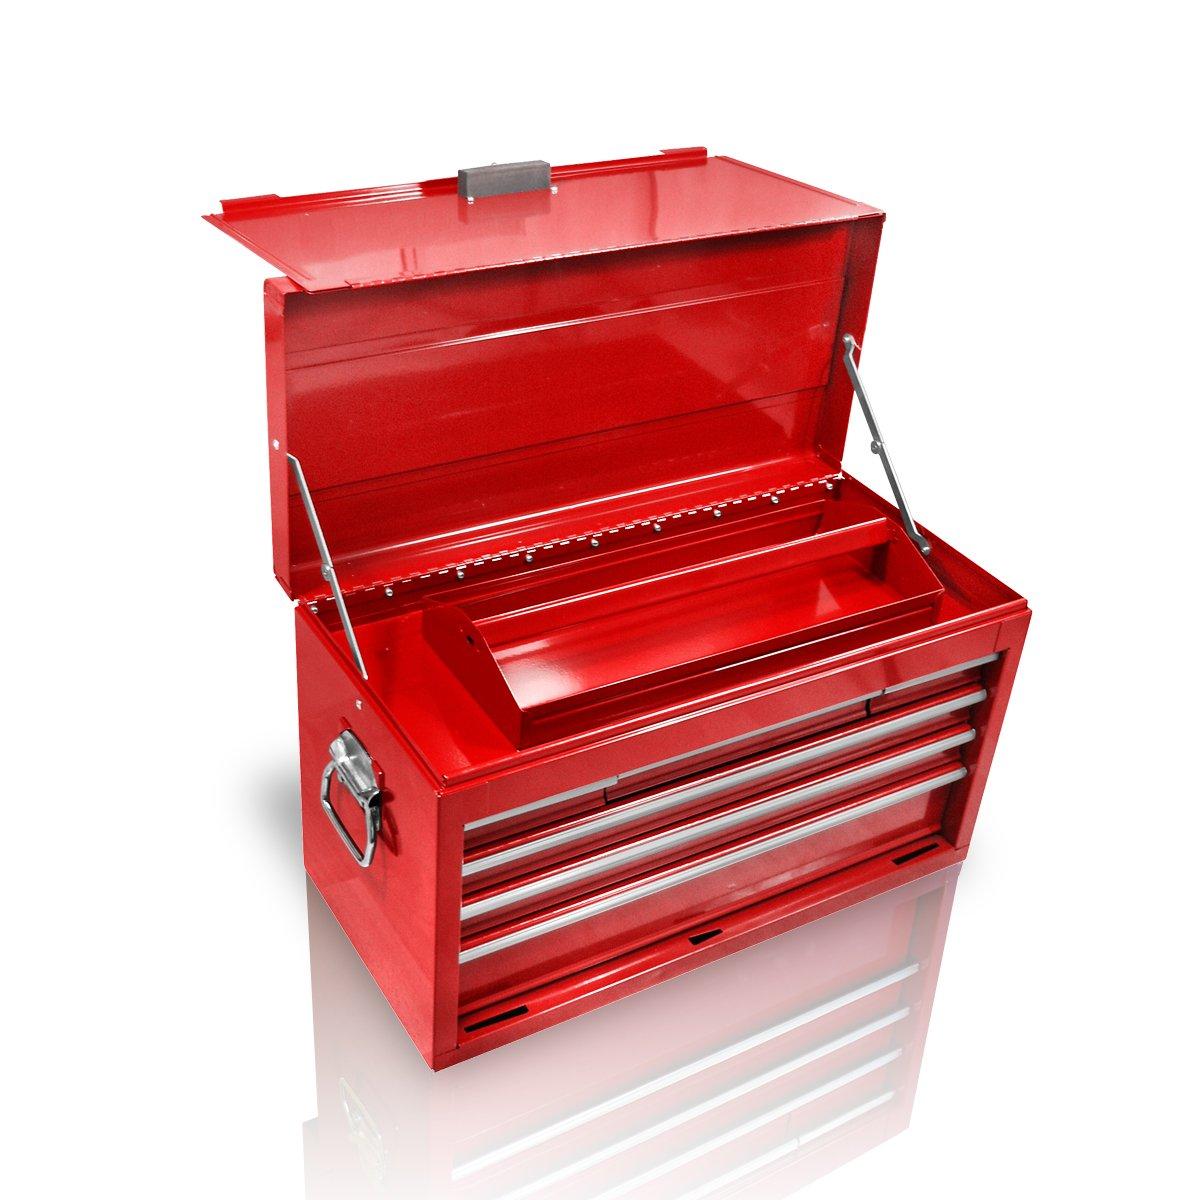 Holzinger Metall Werkzeugkoffer HWZK6006  kugelgelagert  BaumarktKundenbewertung und weitere Informationen